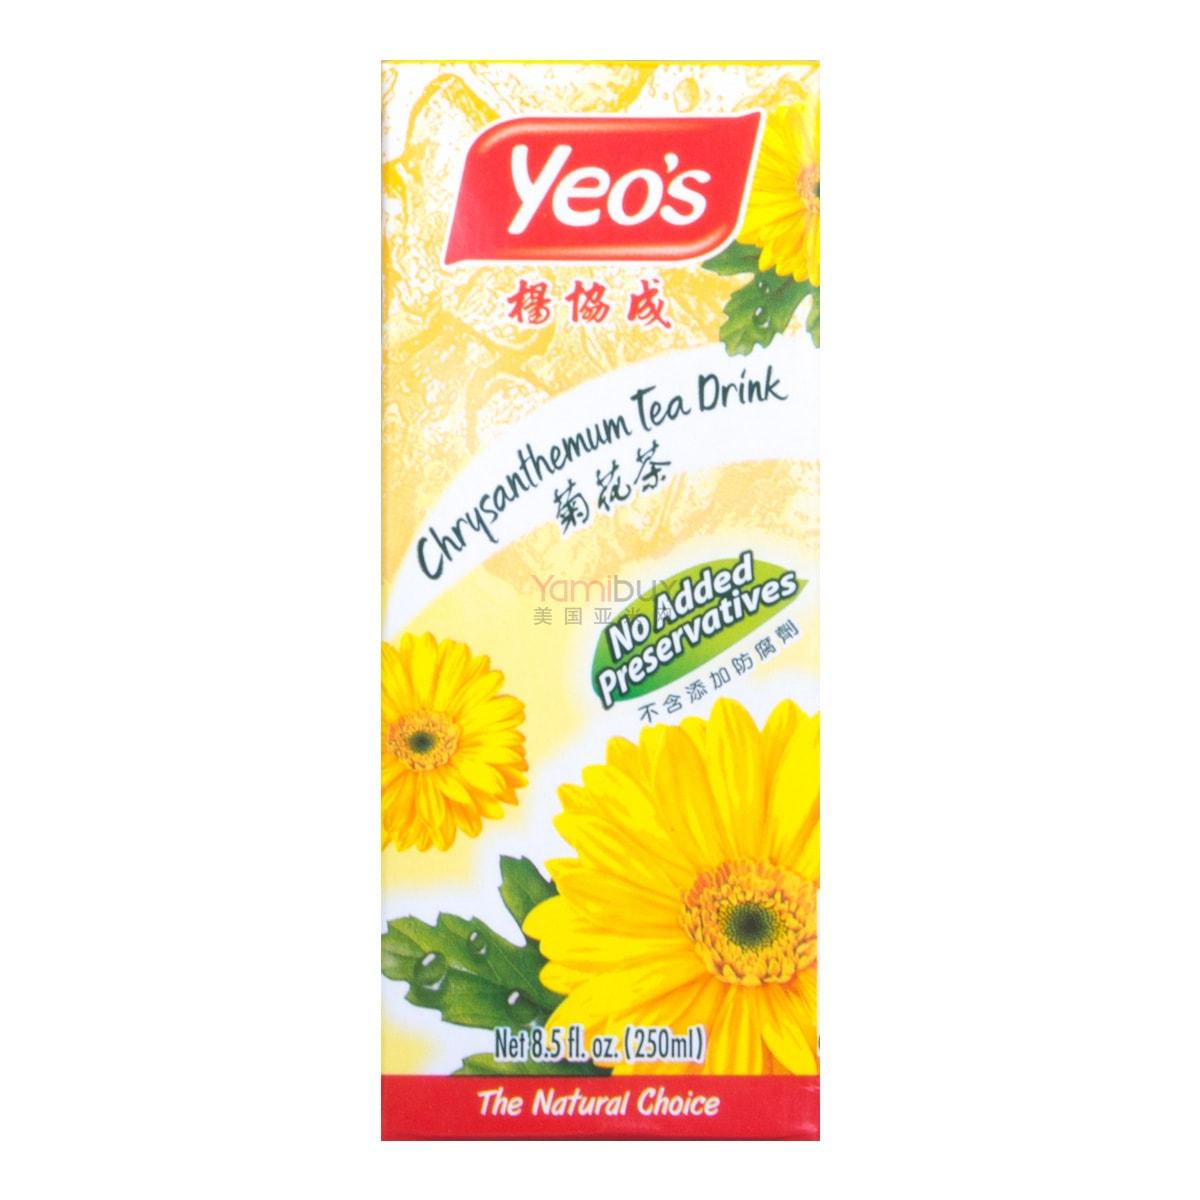 新加坡YEO'S杨协成 无添加菊花茶饮料 250ml